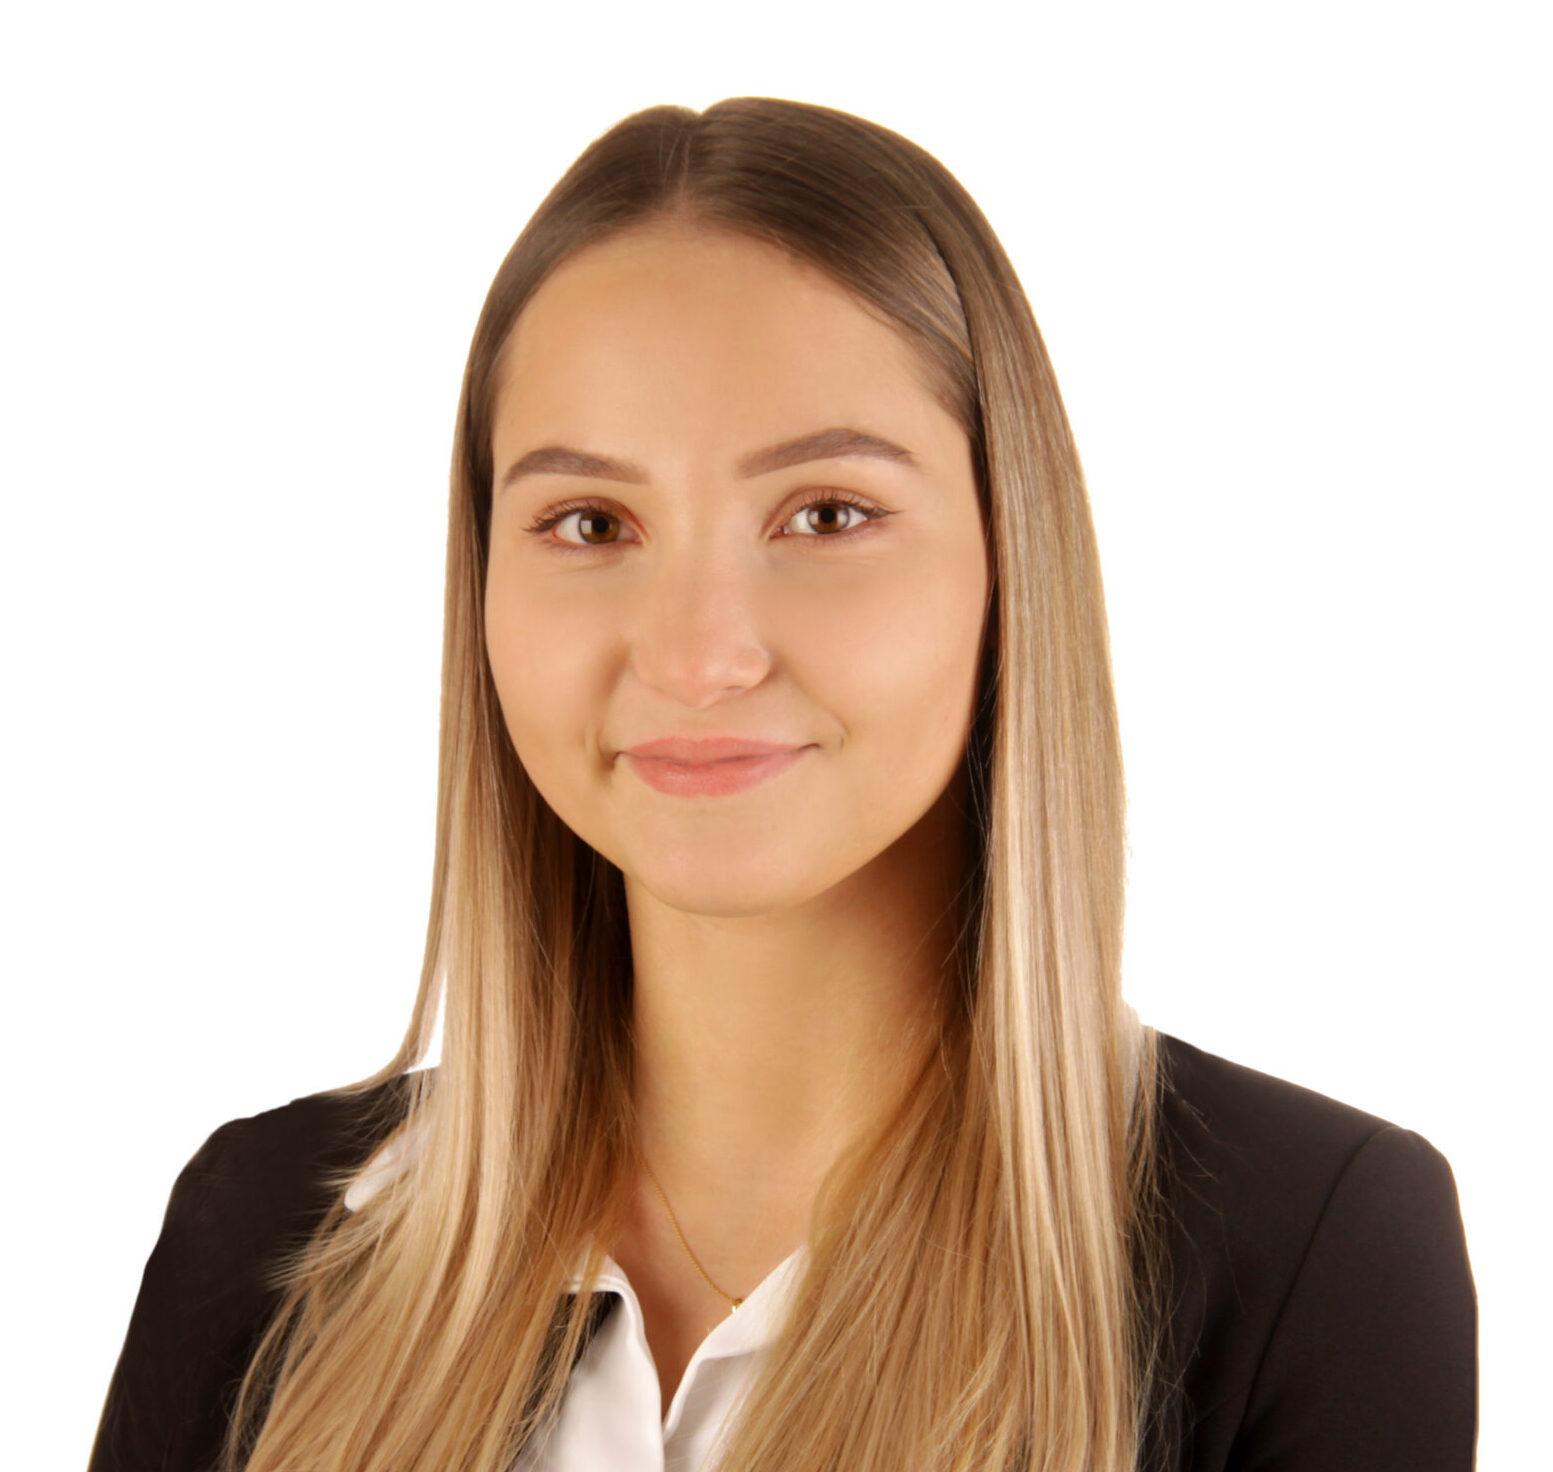 Nicole Sawazki